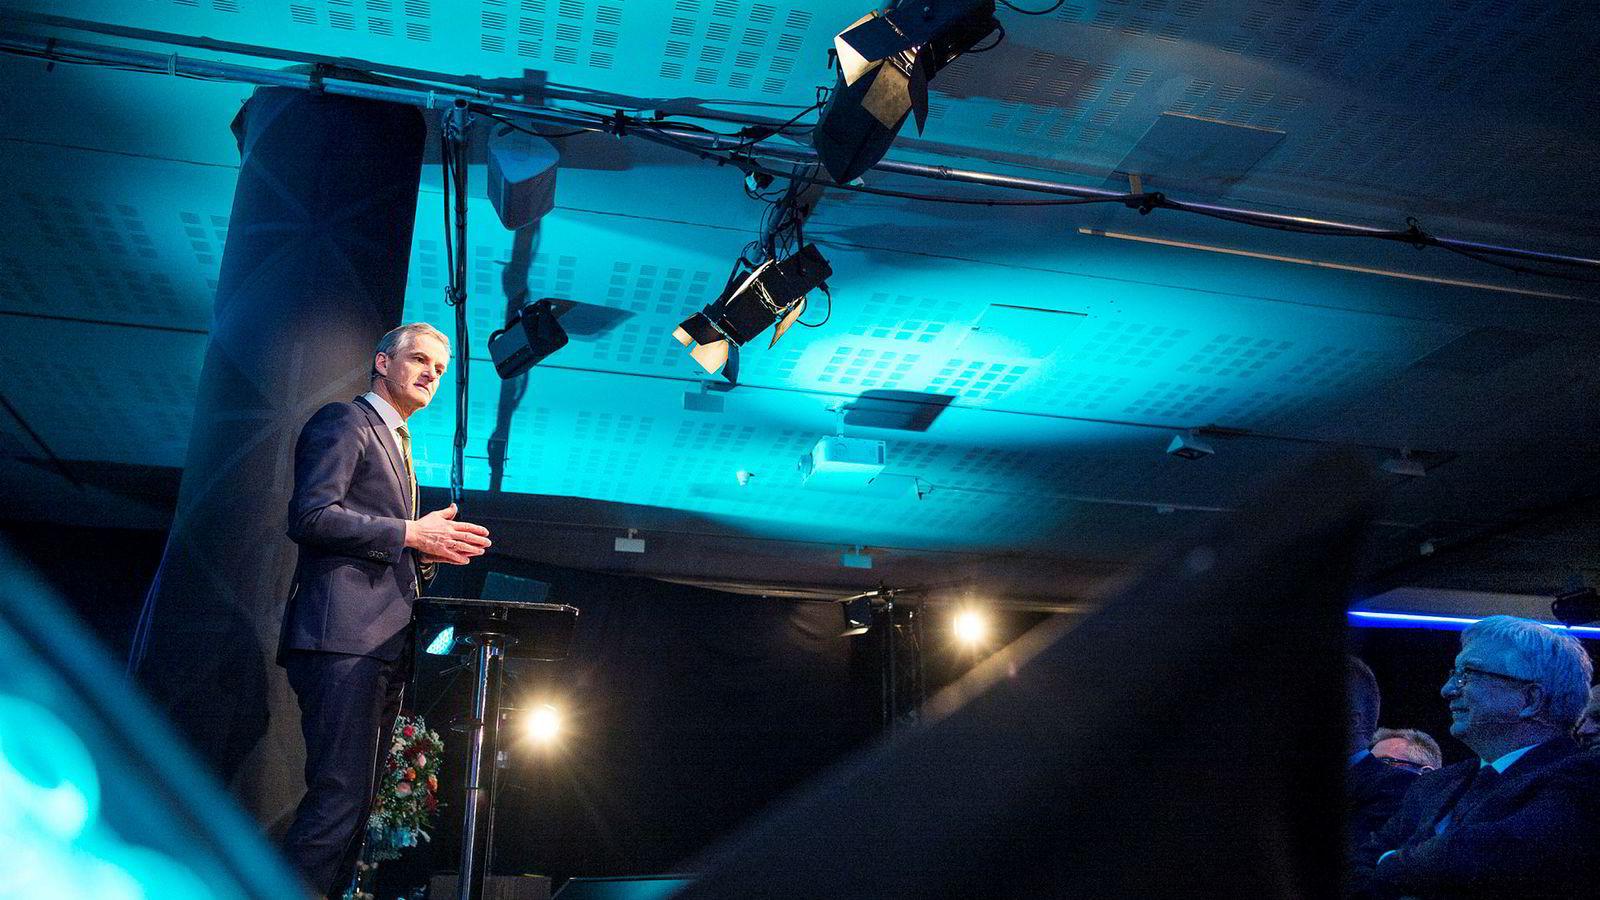 Arbeiderpartileder Jonas Gahr Støre (bildet) på årskonferansen til Norsk olje og gass. Som sjef i Norsk olje og gass advarte Karl Eirik Schjøtt-Pedersen Støre mot å la SV få en hånd på industripolitikken.